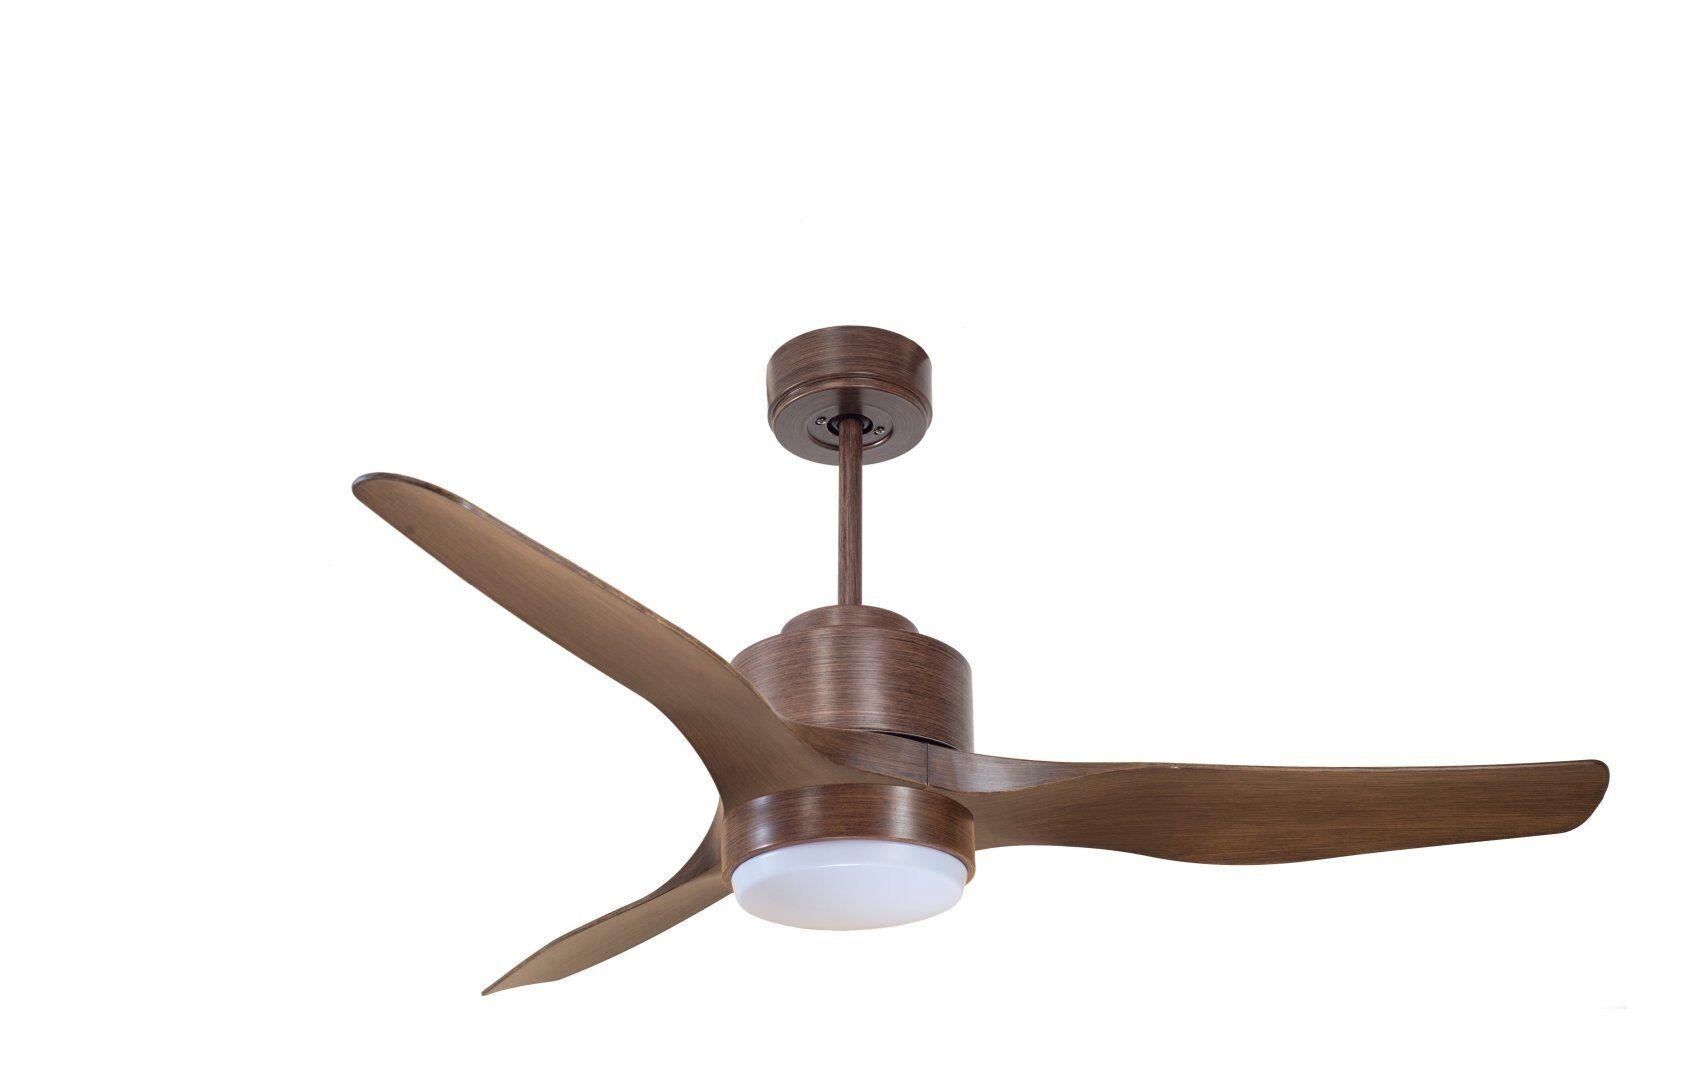 KlassFan Modulo by KlassFan - DC Ceiling Fan With Light, colour wood, ideal for 25 to 40 m² KL_DC4_P2Wo_L1Wo